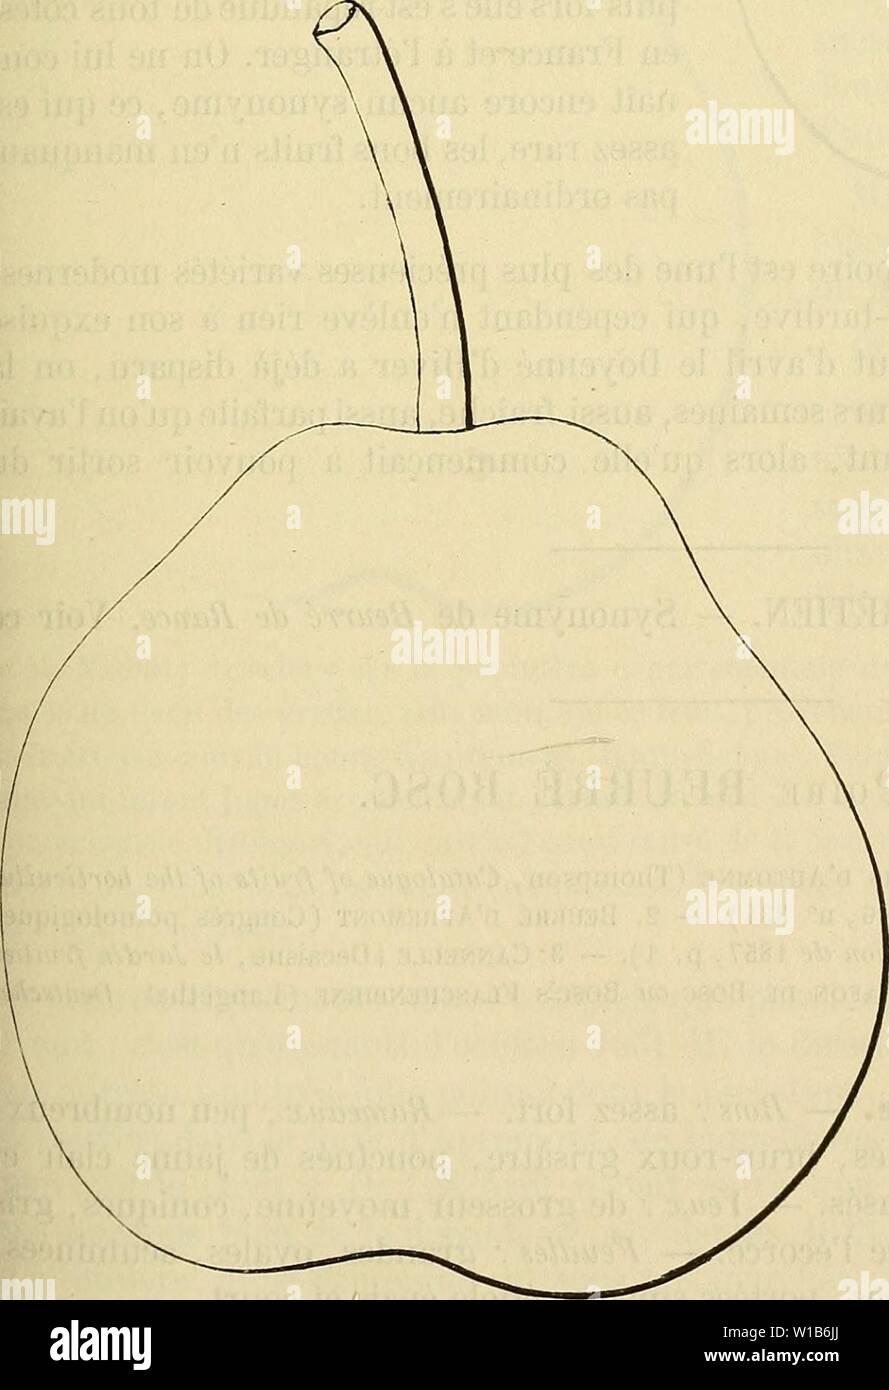 Image d'archive à partir de la page 326 du Dictionnaire de mairie (Kiel) contenant. Dictionnaire de mairie (Kiel): contenant l'histoire, la description, la figure des fruits anciens et des fruits modernes les plus gÃnÃralement . dictionnairedepo cultivÃs connus et001lero Année: 1867 BEU [beurrà bol] 319 Description du fruit. - Grosseur: moyenne. - Forme: turhinÃe, obtus, ventrue. - PÃdoncule: cour, assez gros, arquà charnu, à la base, in part continu avec le fruit, implantà obliquement. - Åii: grands, bien ouvert, TRÀ¨s-dÃveloppÃ, presque saillant. Peau: jaune verdâtre, ponctuÃe striÃe marbrÃe,, de r Photo Stock